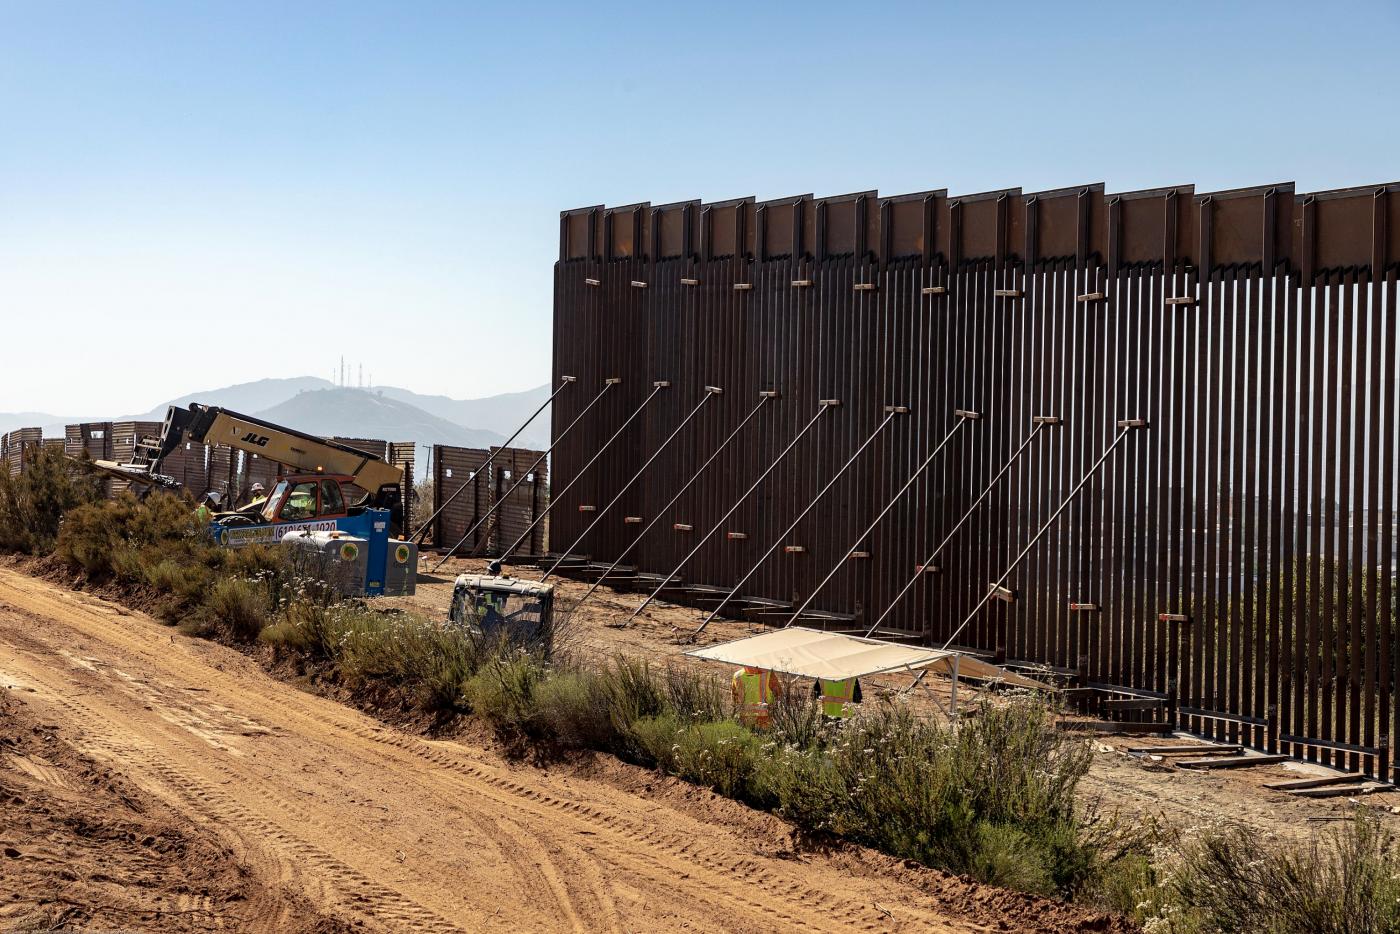 特朗普抵制非法移民政策已产生实效_图1-3